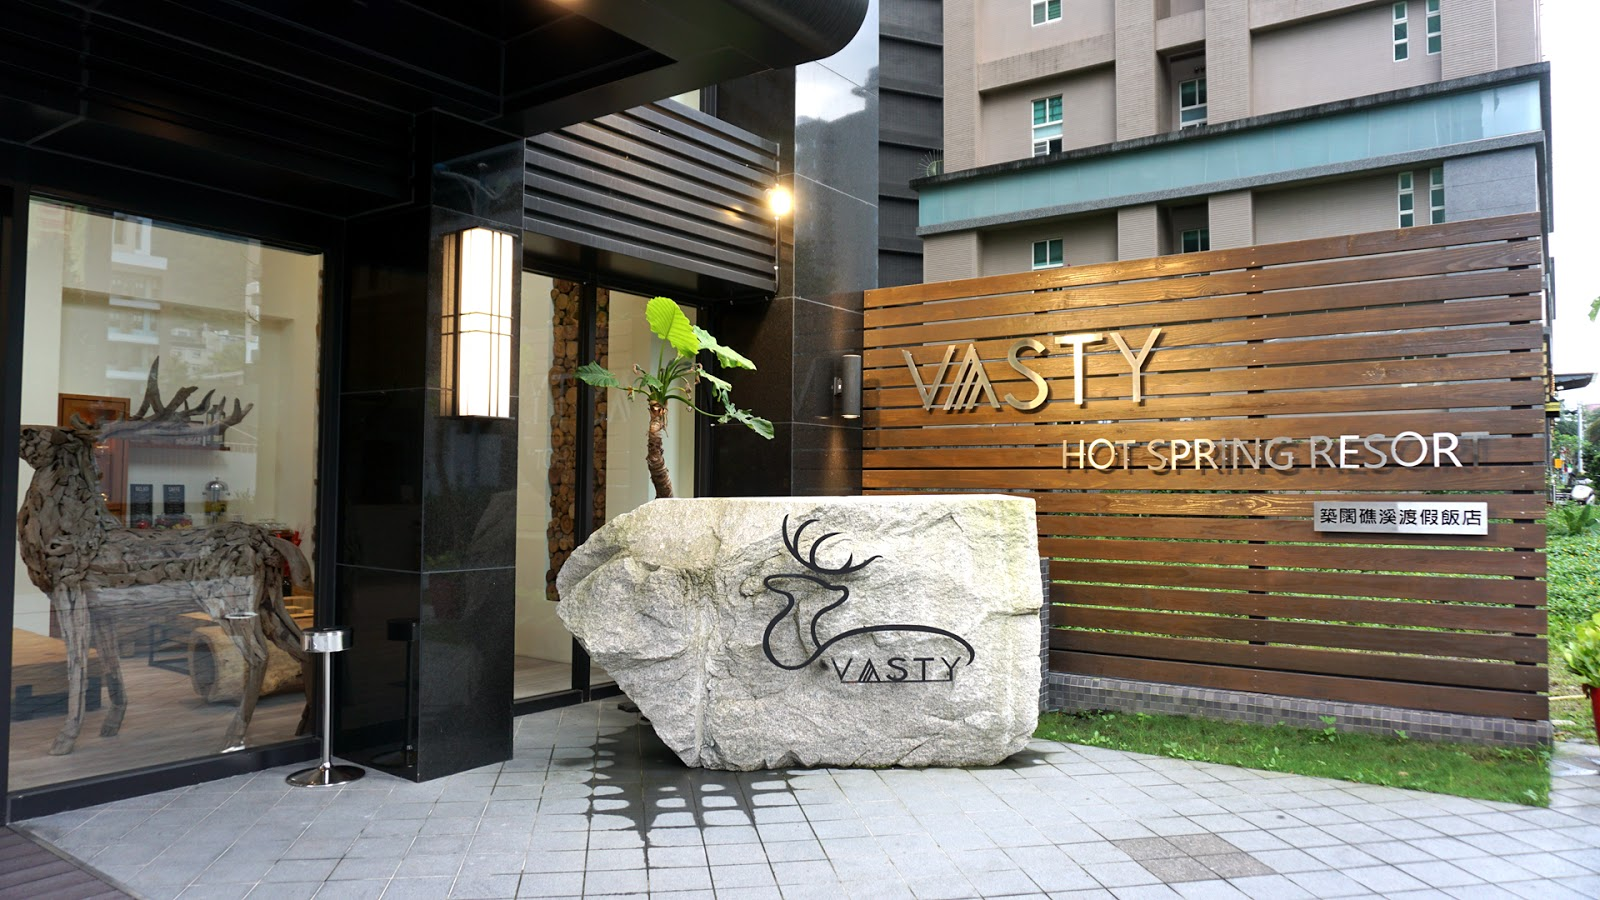 [臺灣-宜蘭]礁溪飯店推薦-築闊渡假飯店 Vasty Hotel 北歐風 | 溫泉浴池 | 24小時點心吧 ~ 安淇拉。寫寫生活